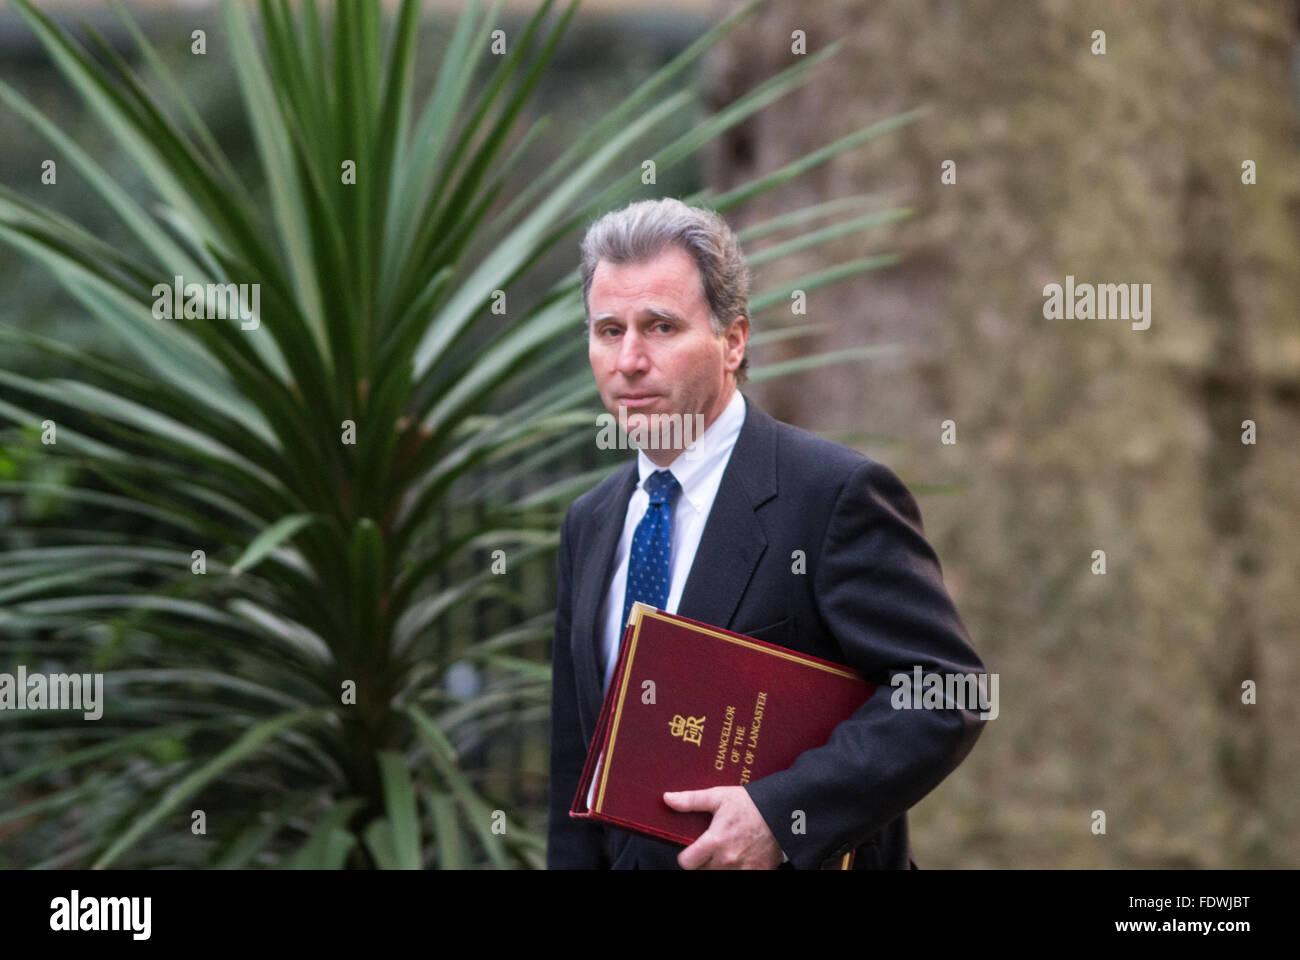 Oliver Letwin, Ministre d'État pour la politique du gouvernement, arrive au numéro 10 Downing Street Photo Stock